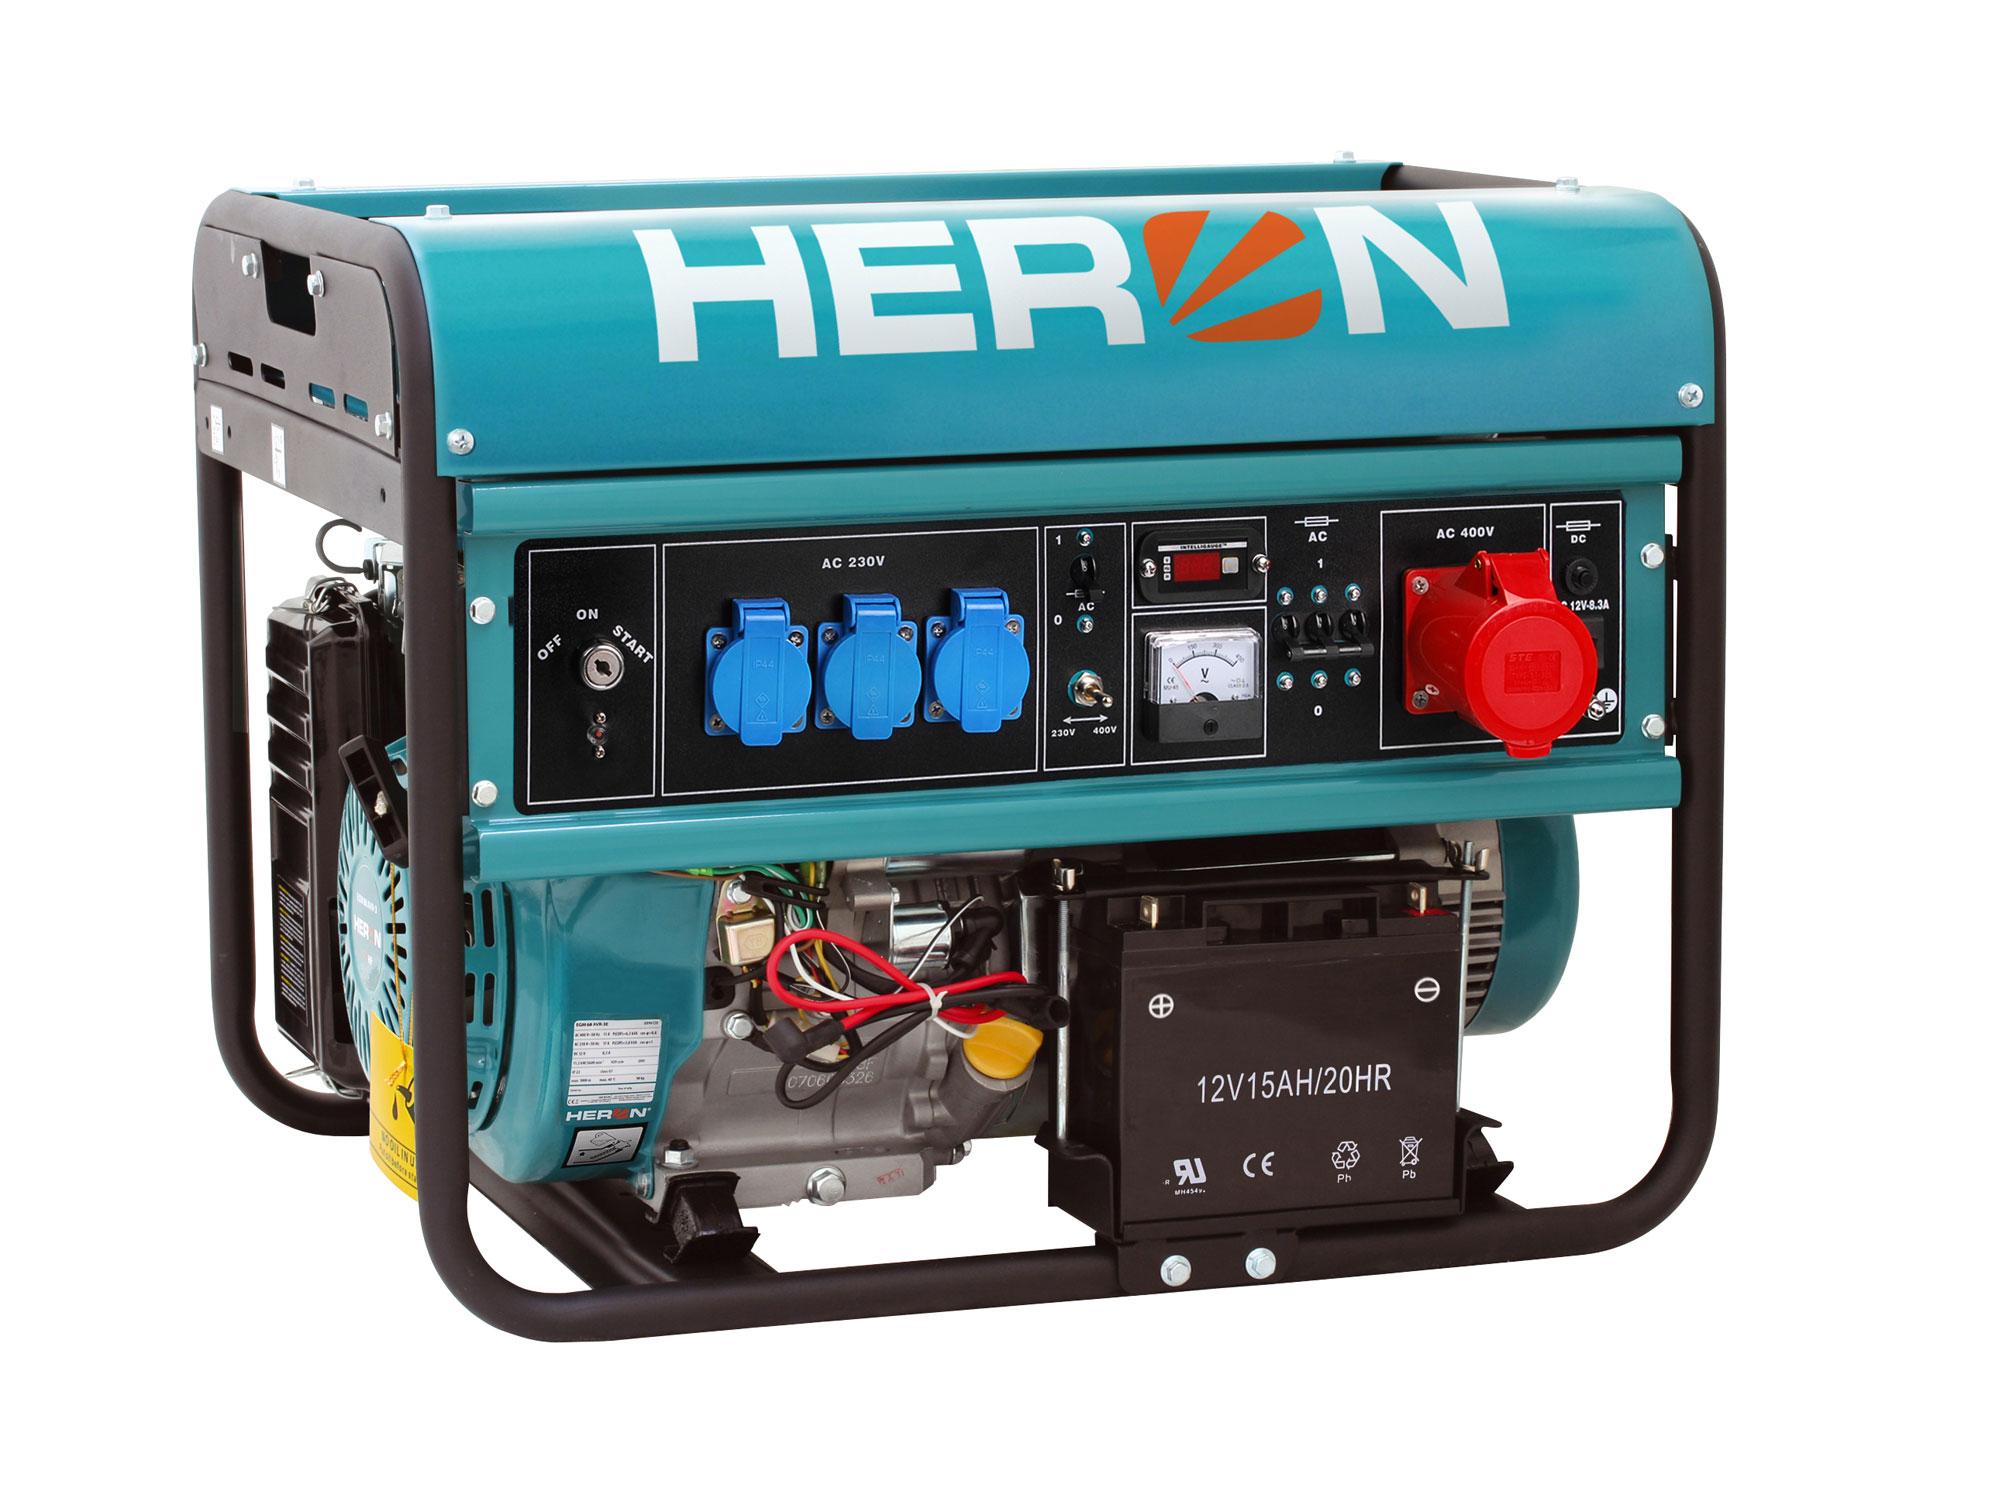 ZRUŠENO! Nahrazeno výrobkem 8896420, elektrocentrála benzínová 15HP/6,8kW (400V) 5,5kW (230V), elektrický start